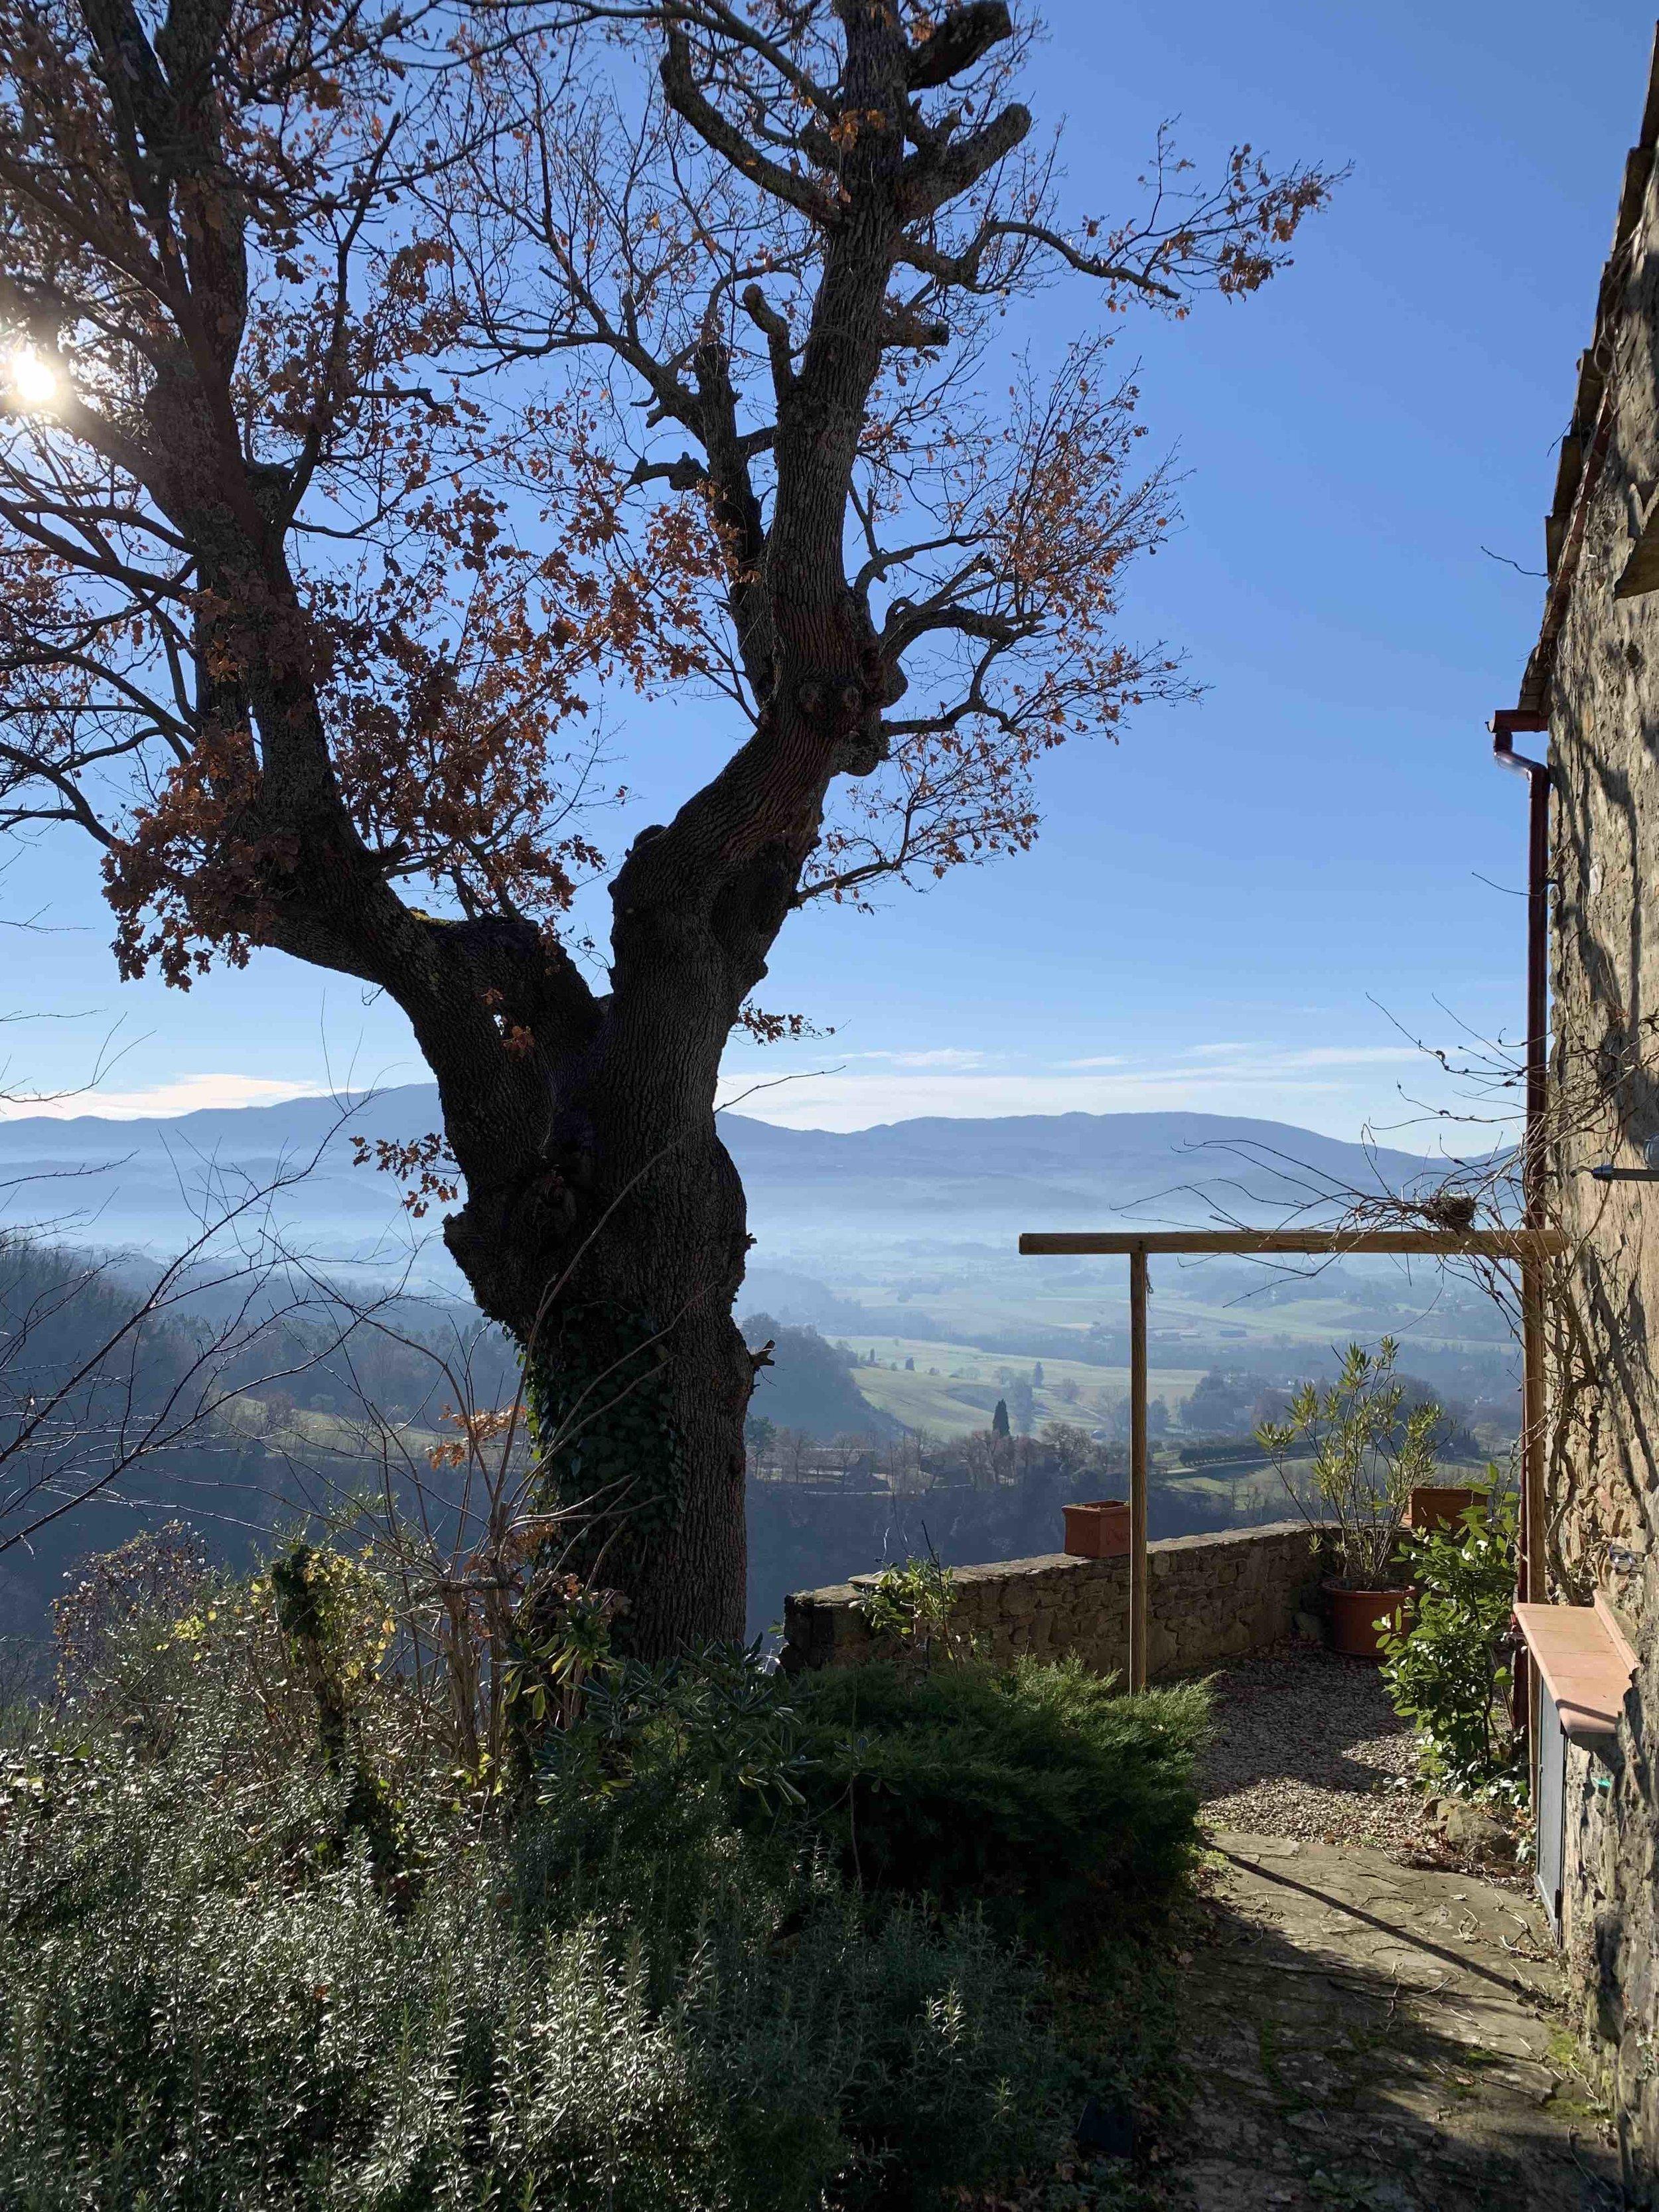 TRAVEL ITALIE TOSCANE THE NICE STUFF COLLECTOR VAKANTIE THEO-BERT POT ITALIA 3.jpg